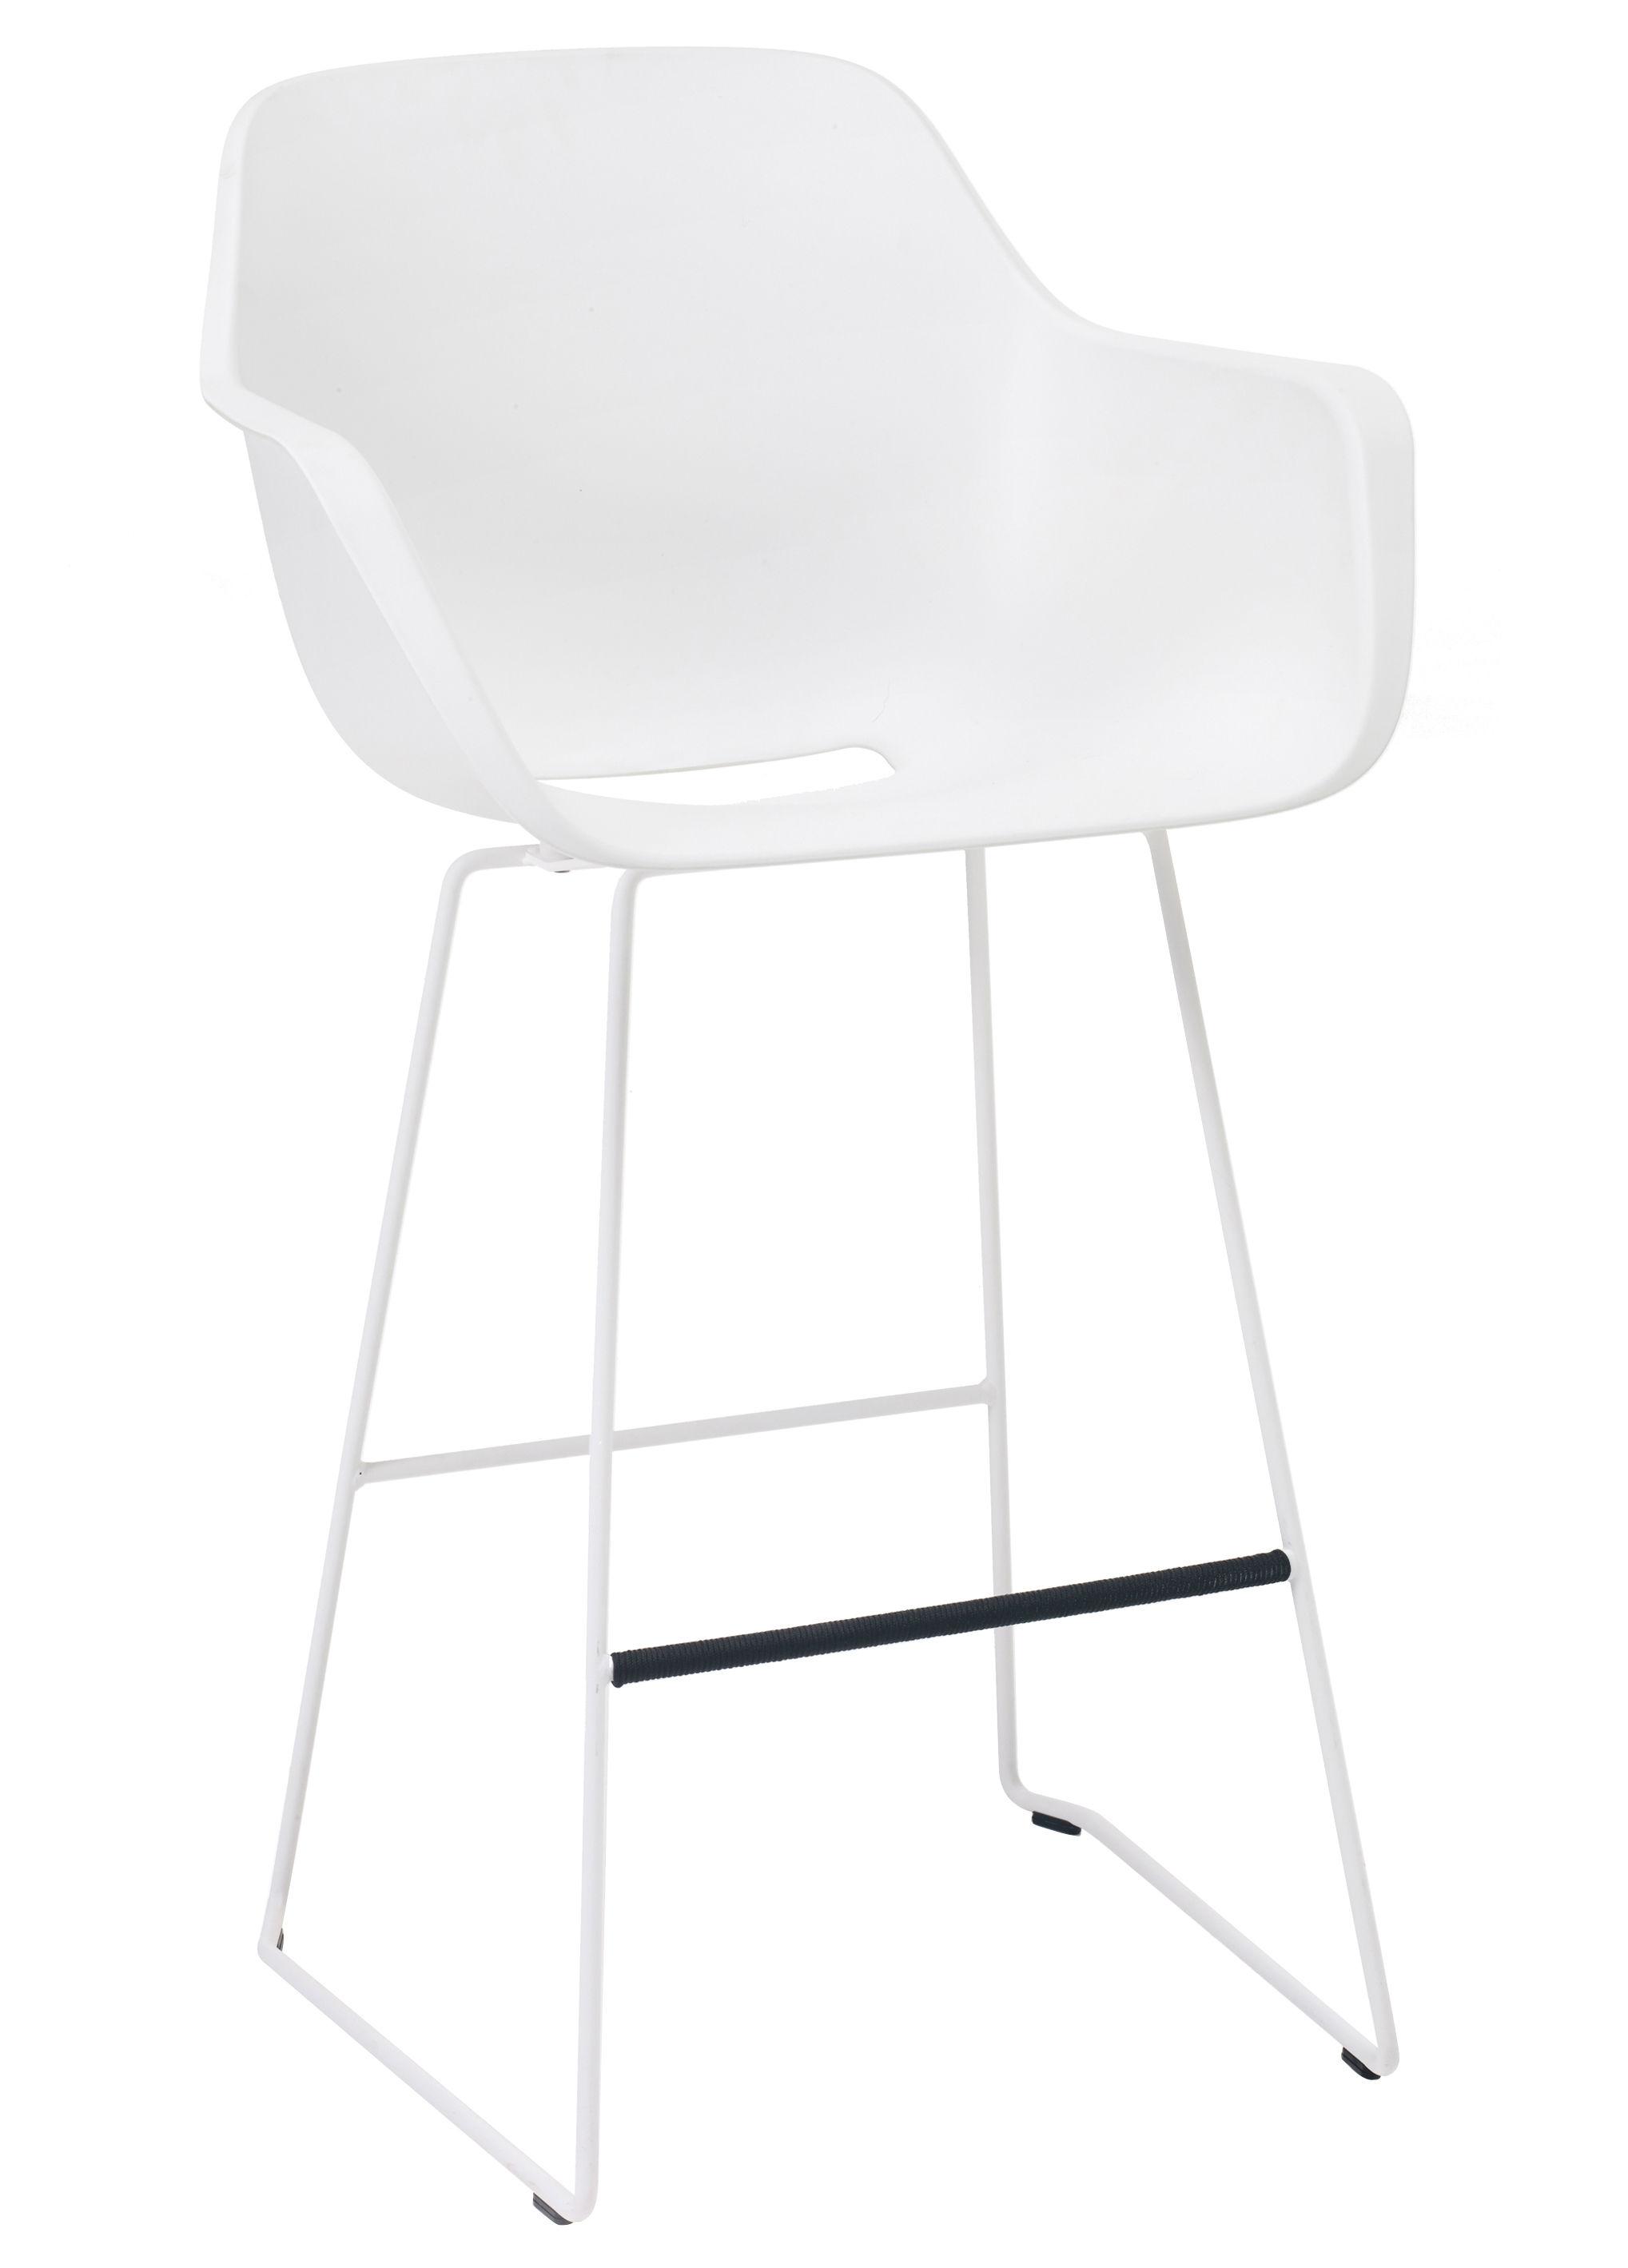 Mobilier - Tabourets de bar - Chaise de bar Captain's / H 74 - Plastique & pied métal - Extremis - Blanc - Acier laqué, Polypropylène